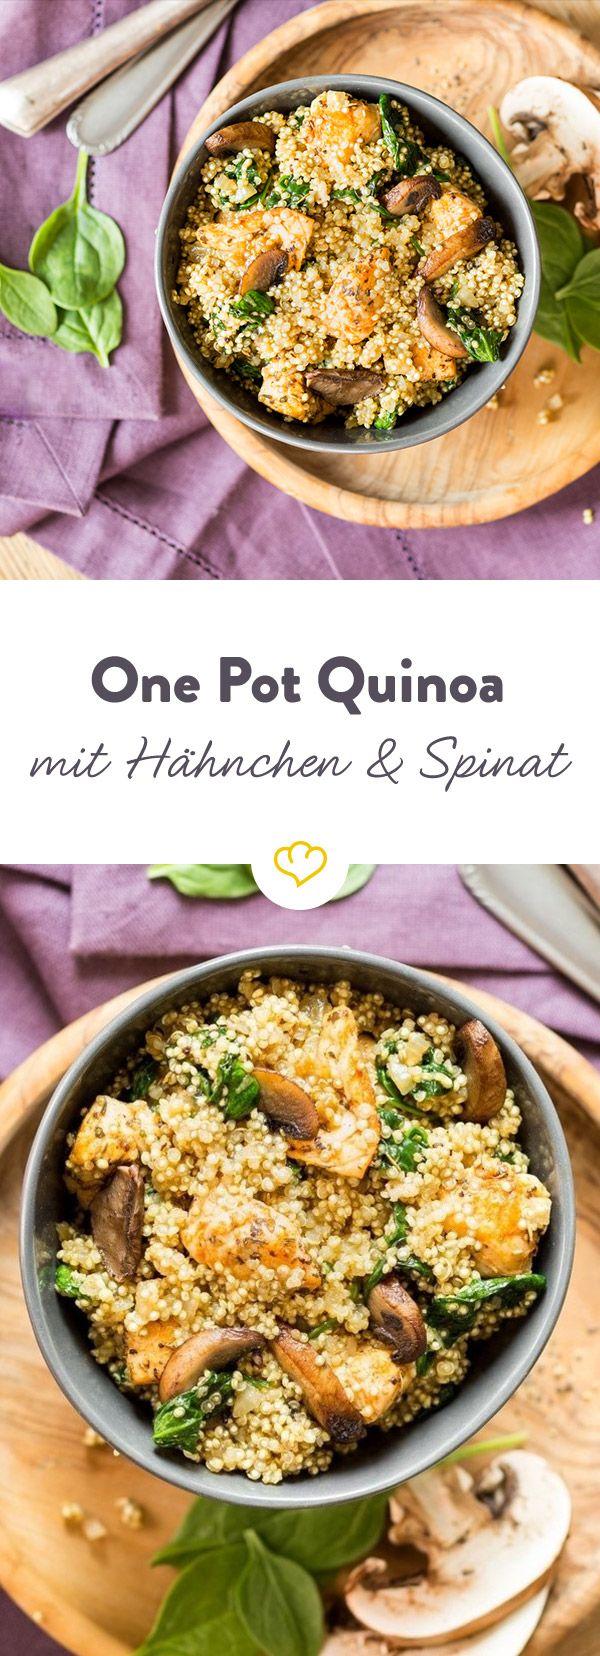 Starkes Superfood! One Pot Quinoa mit Hähnchen und Spinat #onepotpastarecettes